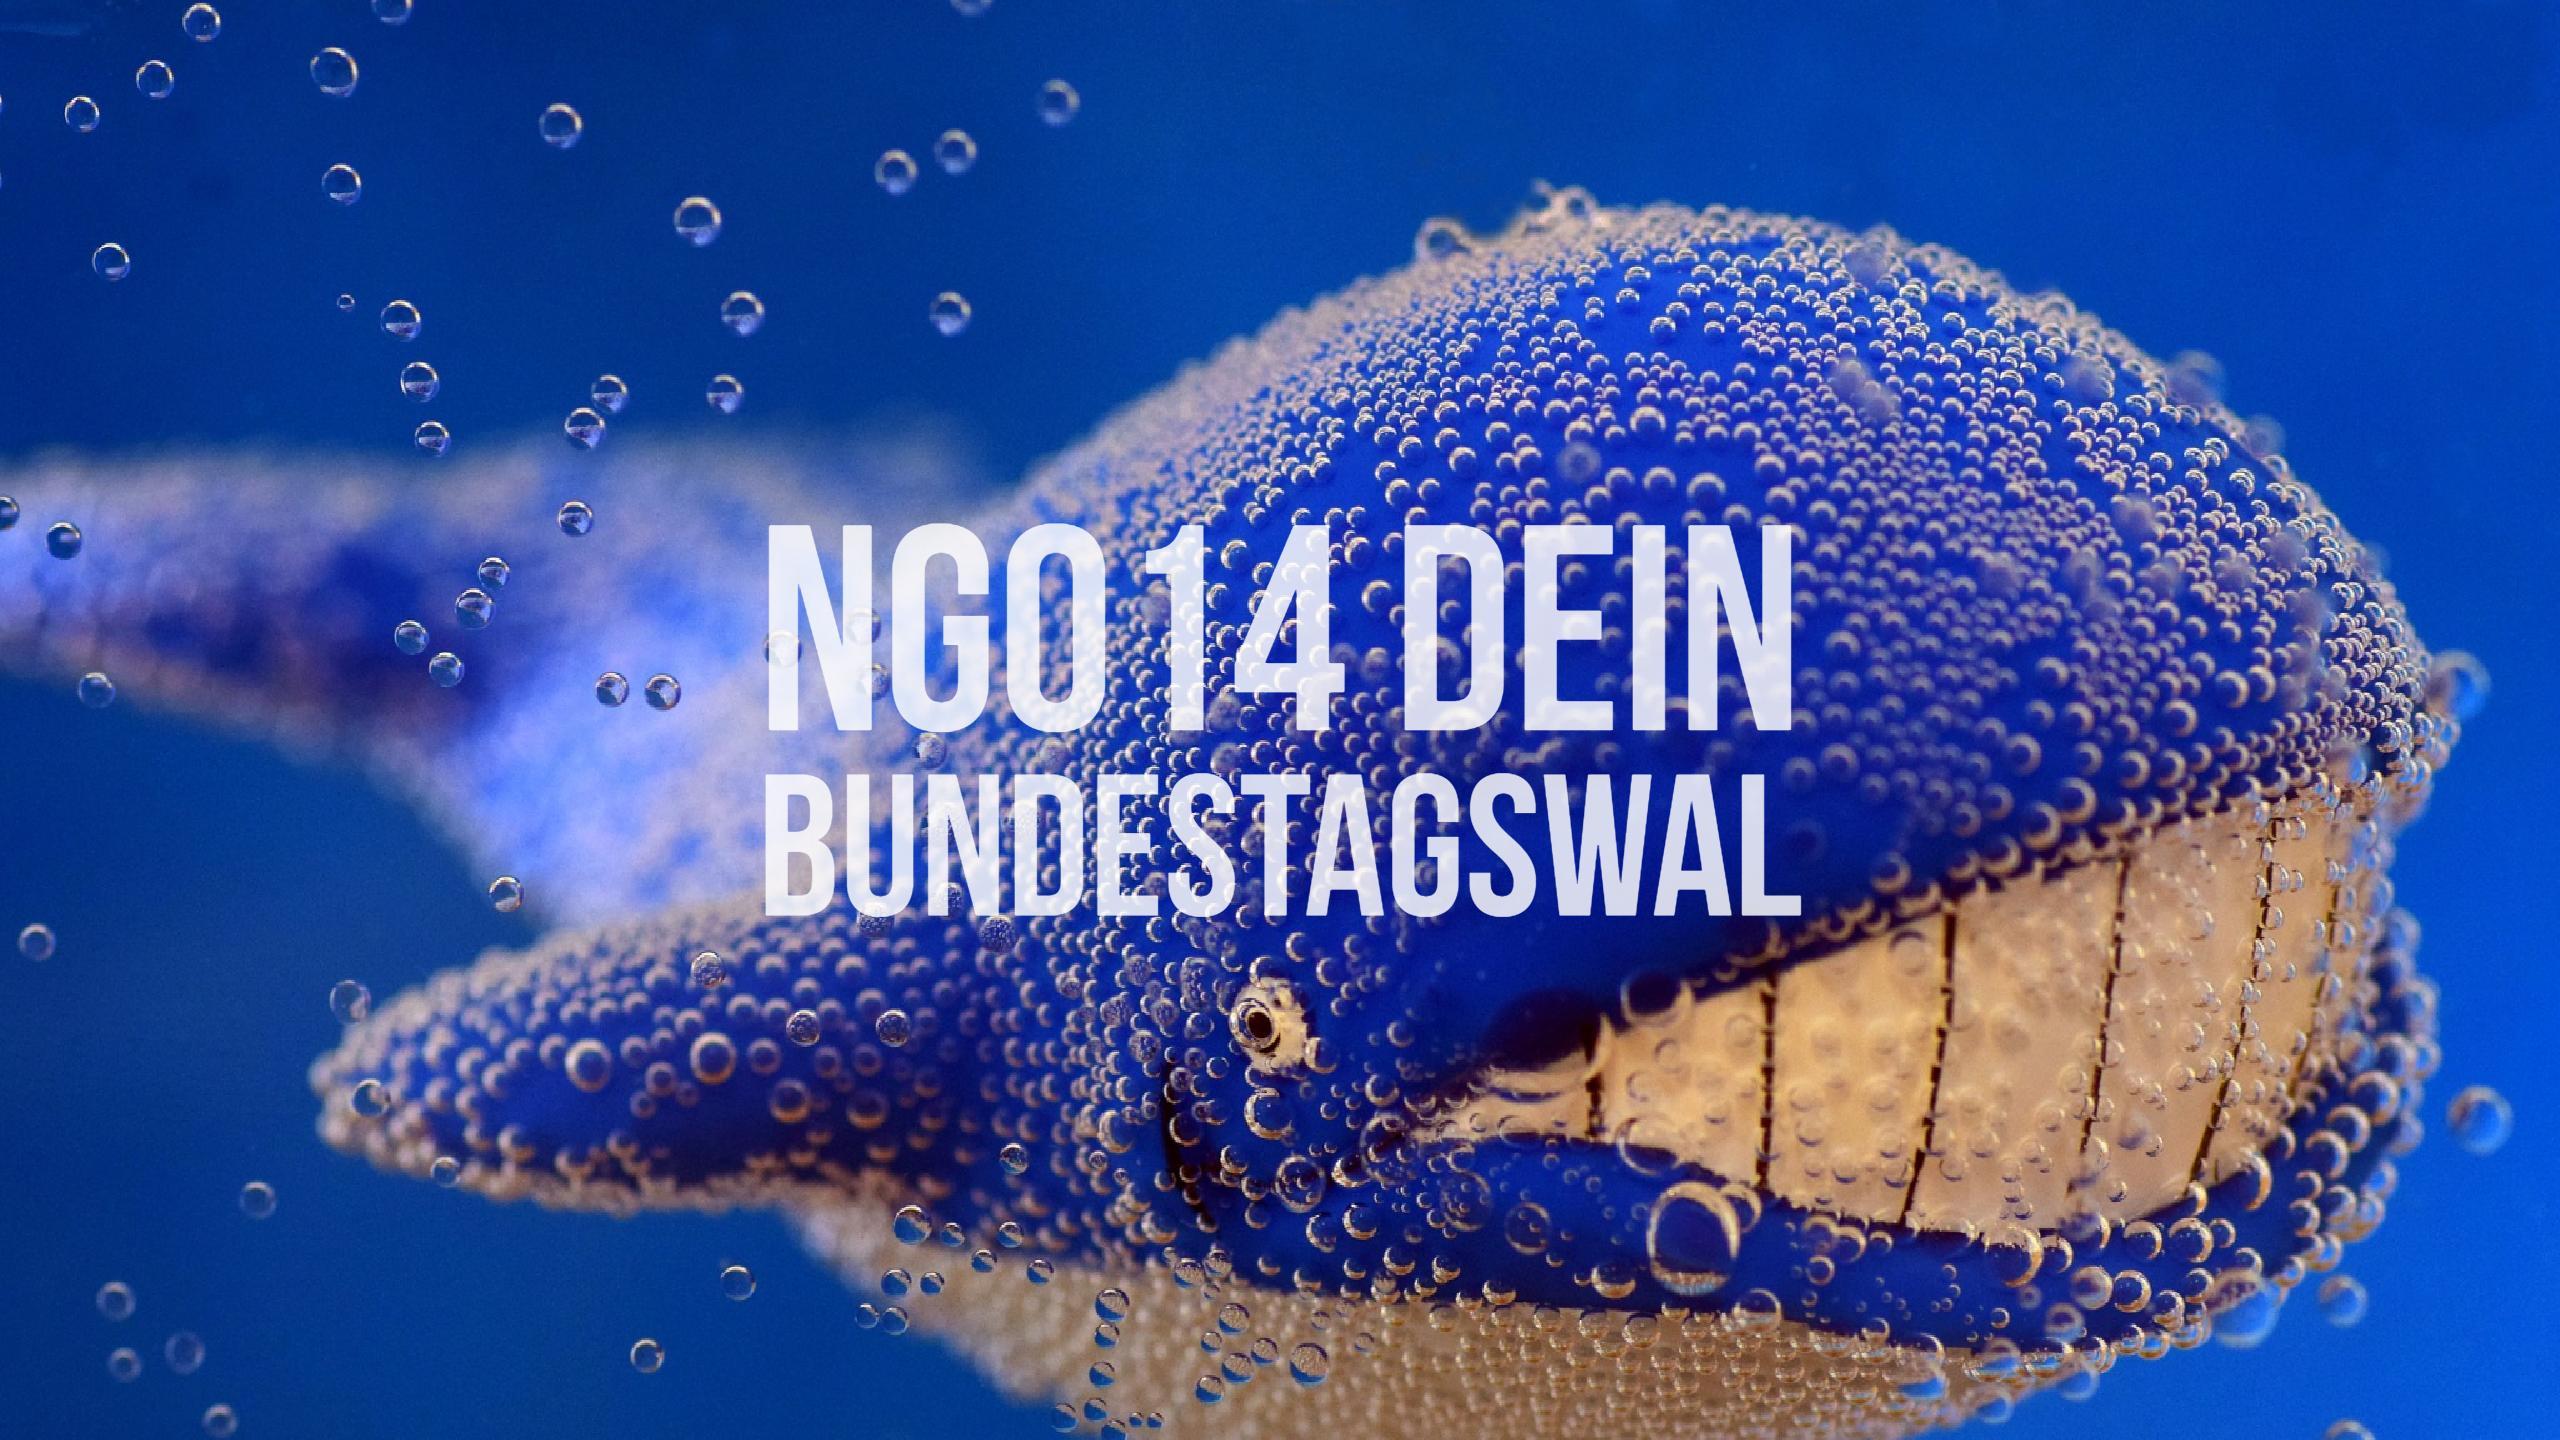 NG014 Dein Bundestagswal